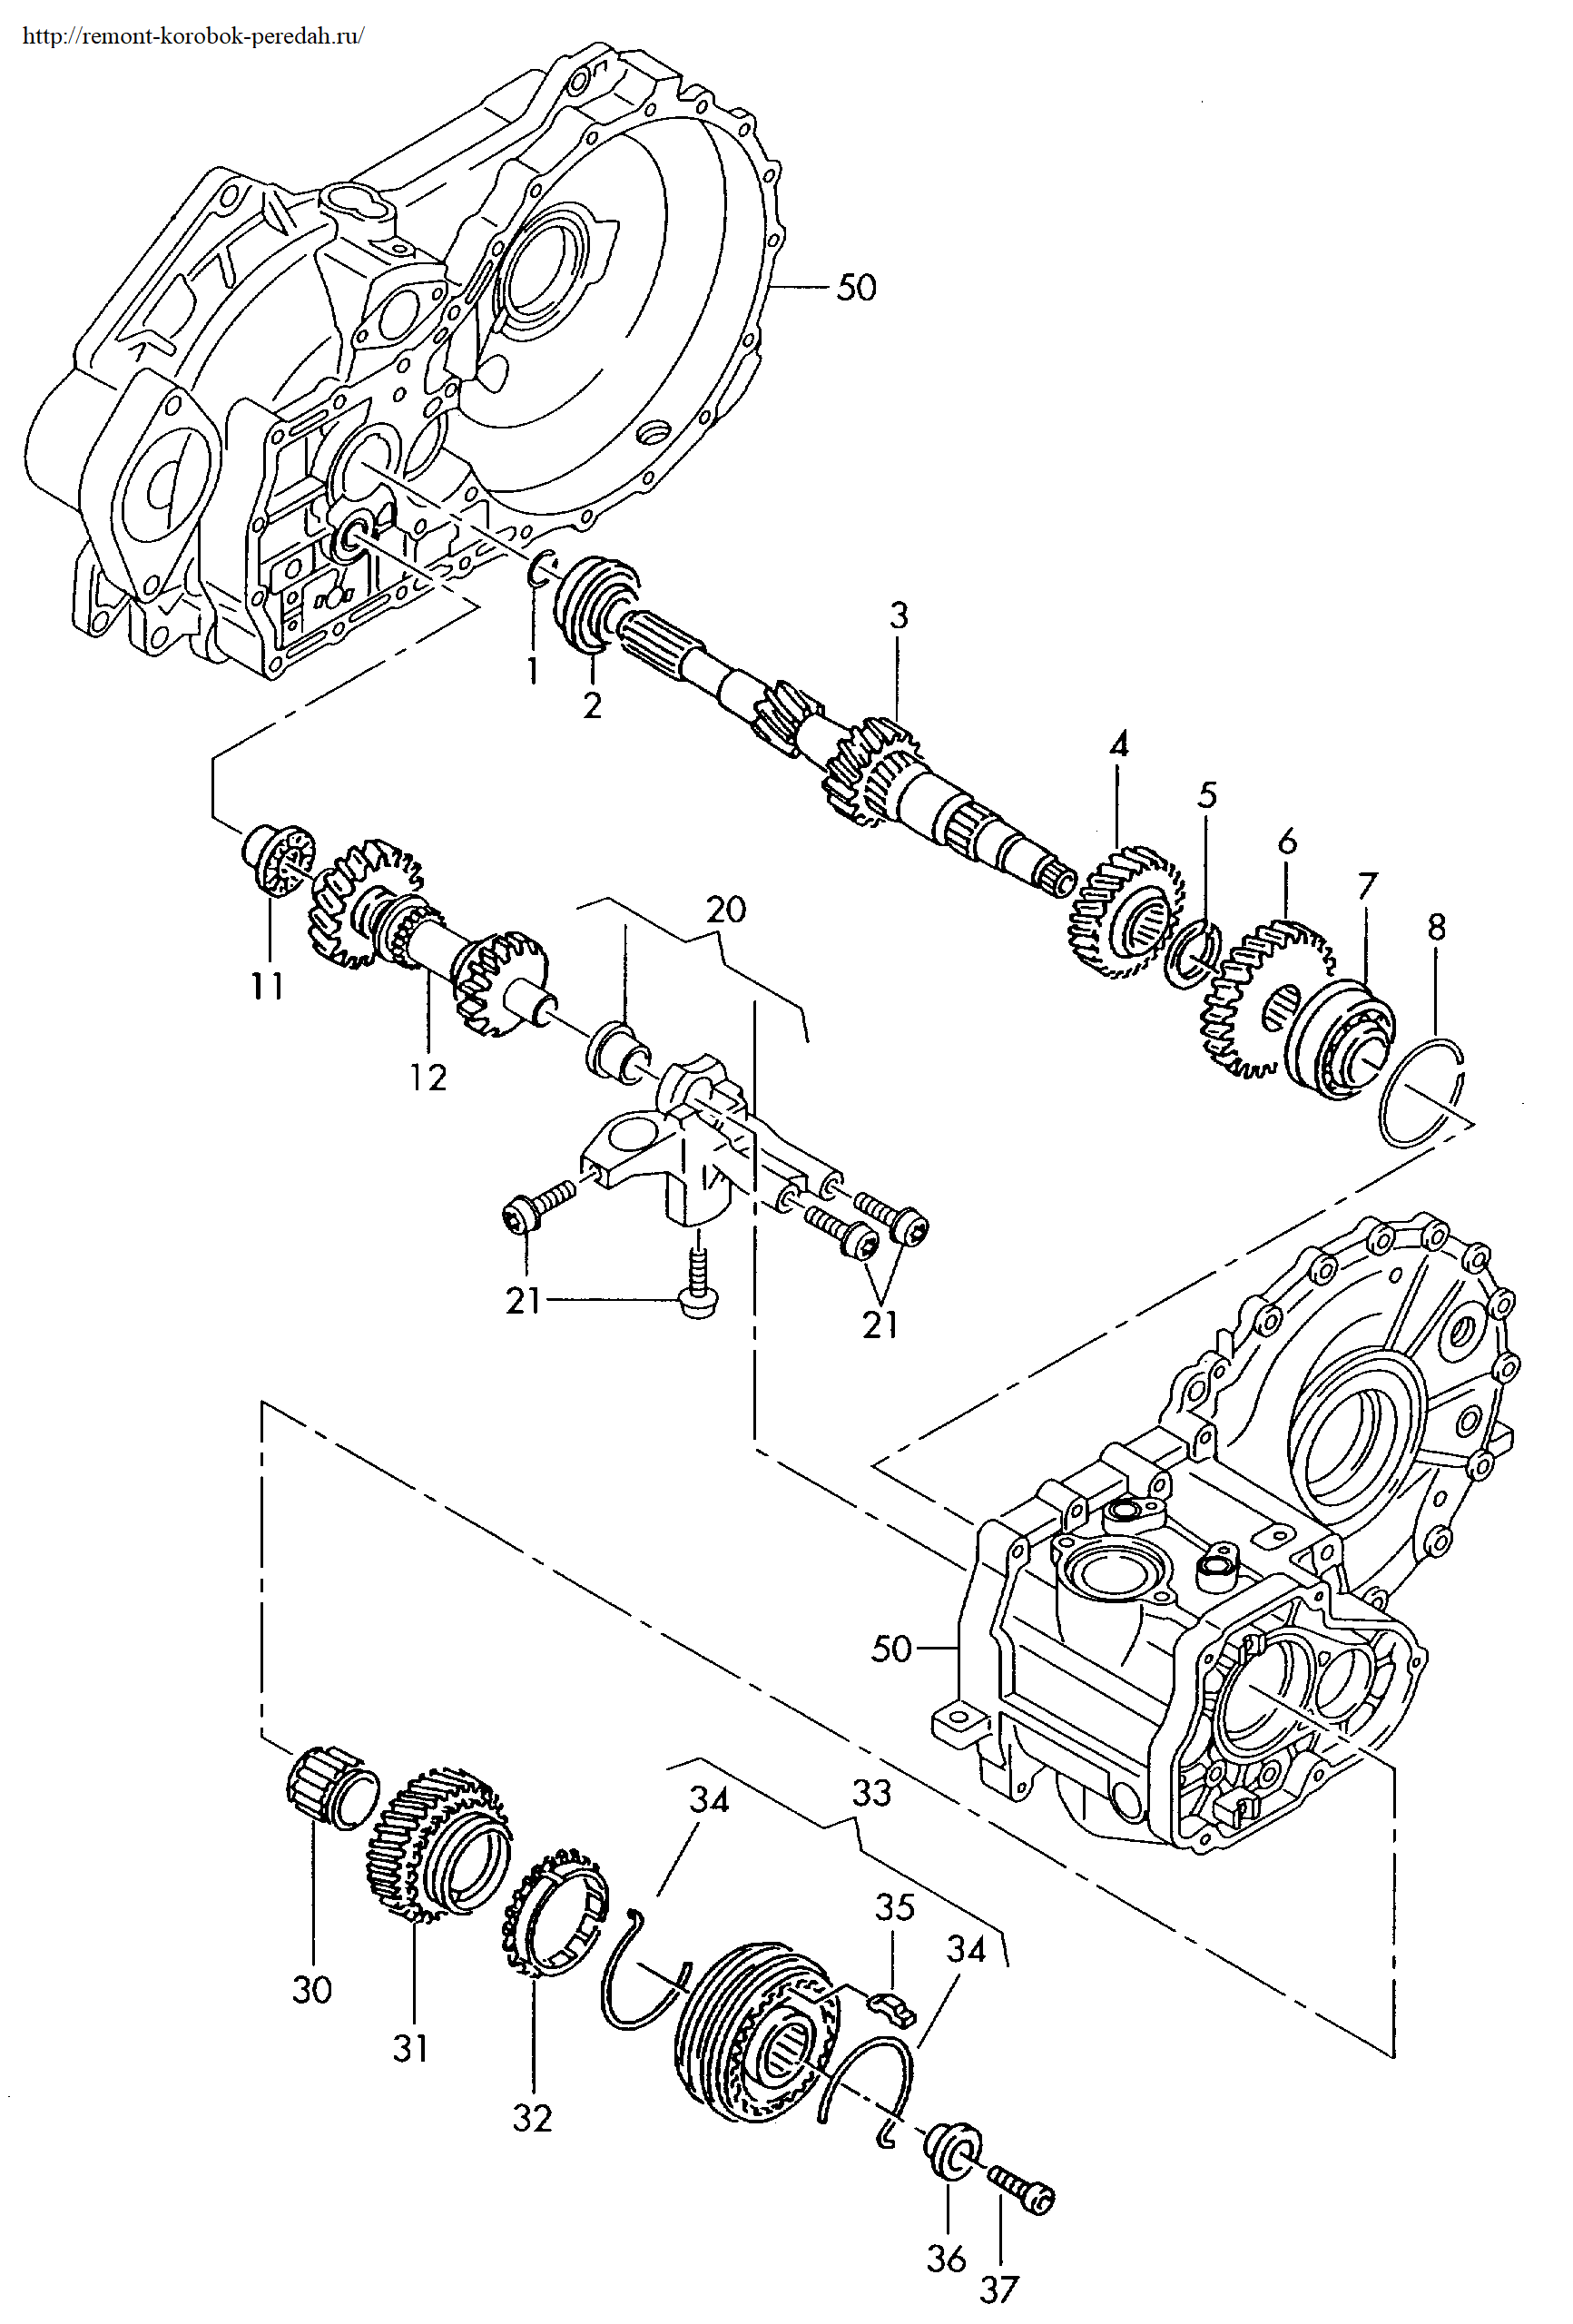 Транспортер т5 ремонт коробки передач конвейер смерти скачать торрент